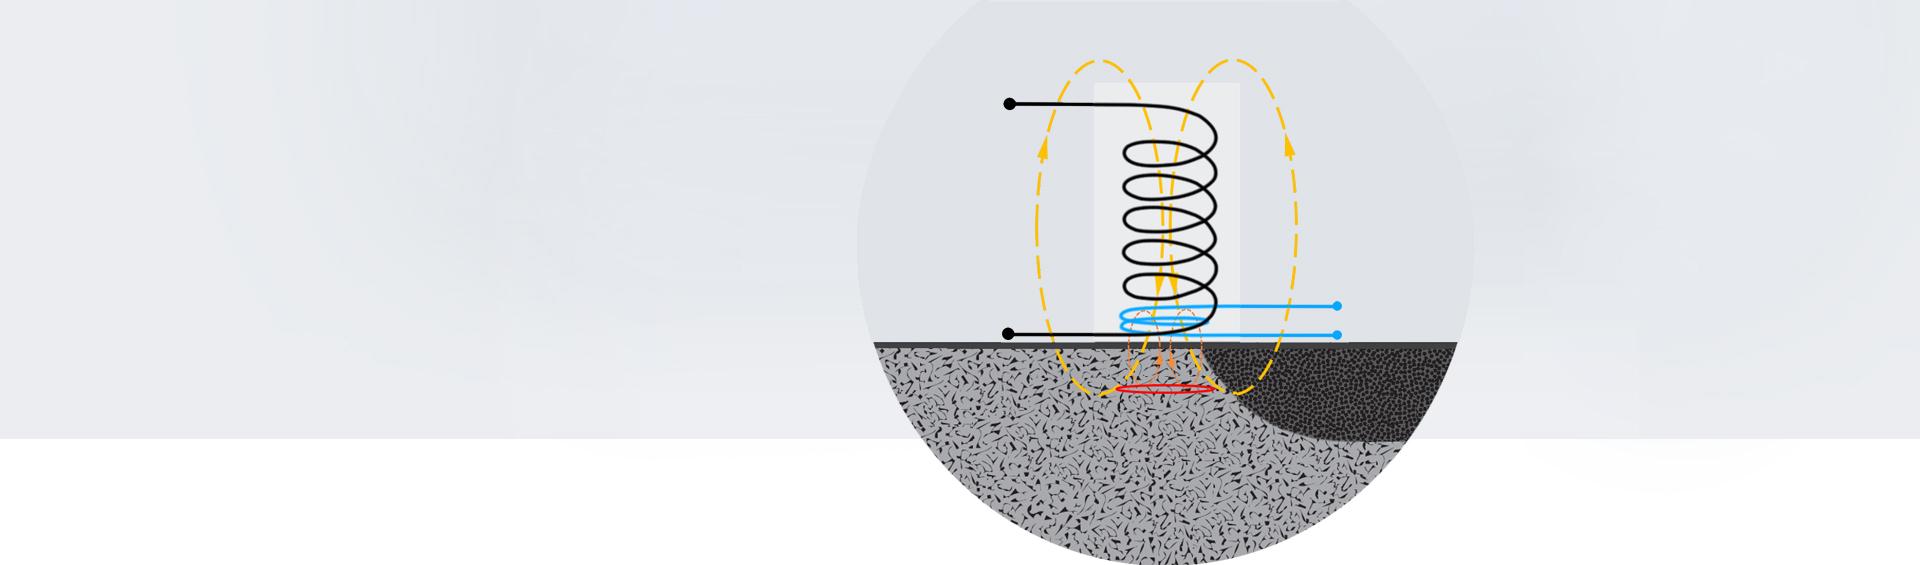 Das Wirbelstrom-Prüfverfahren